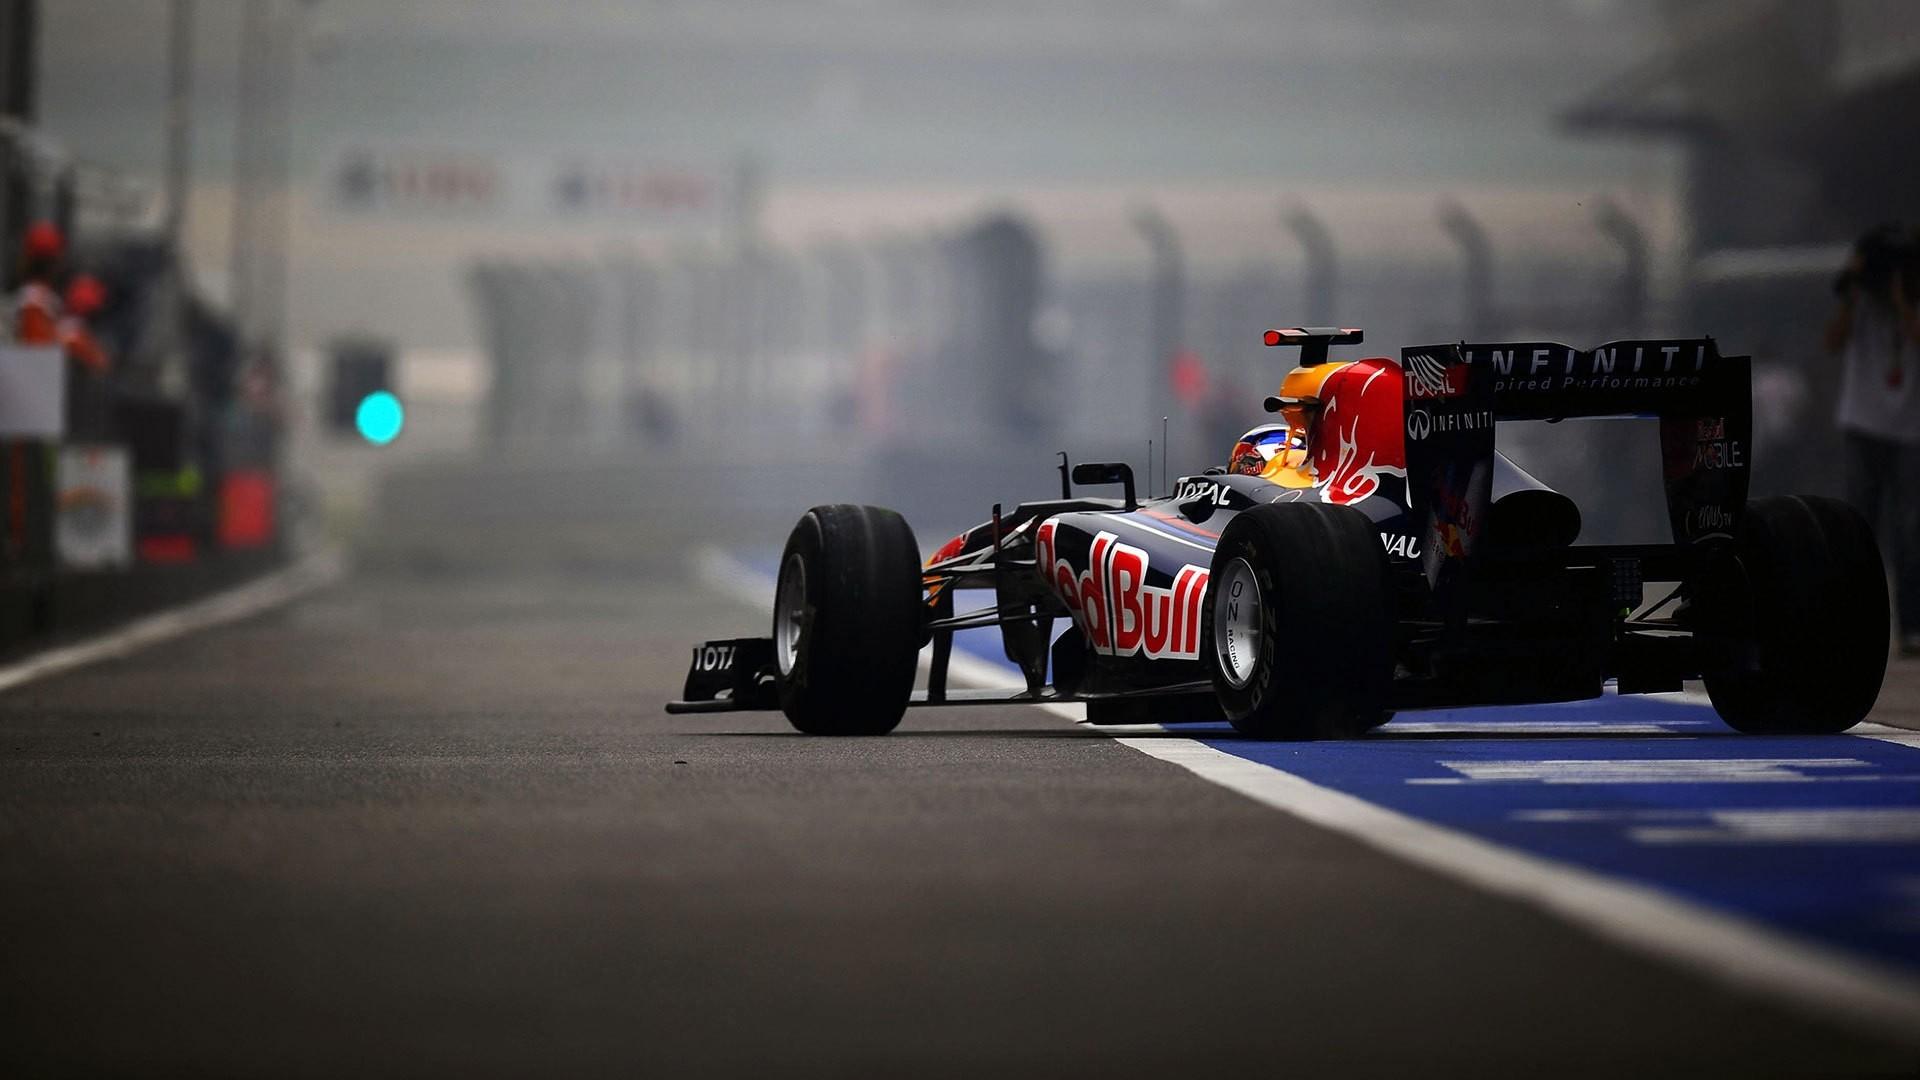 Formula 1 Wallpaper HD 4